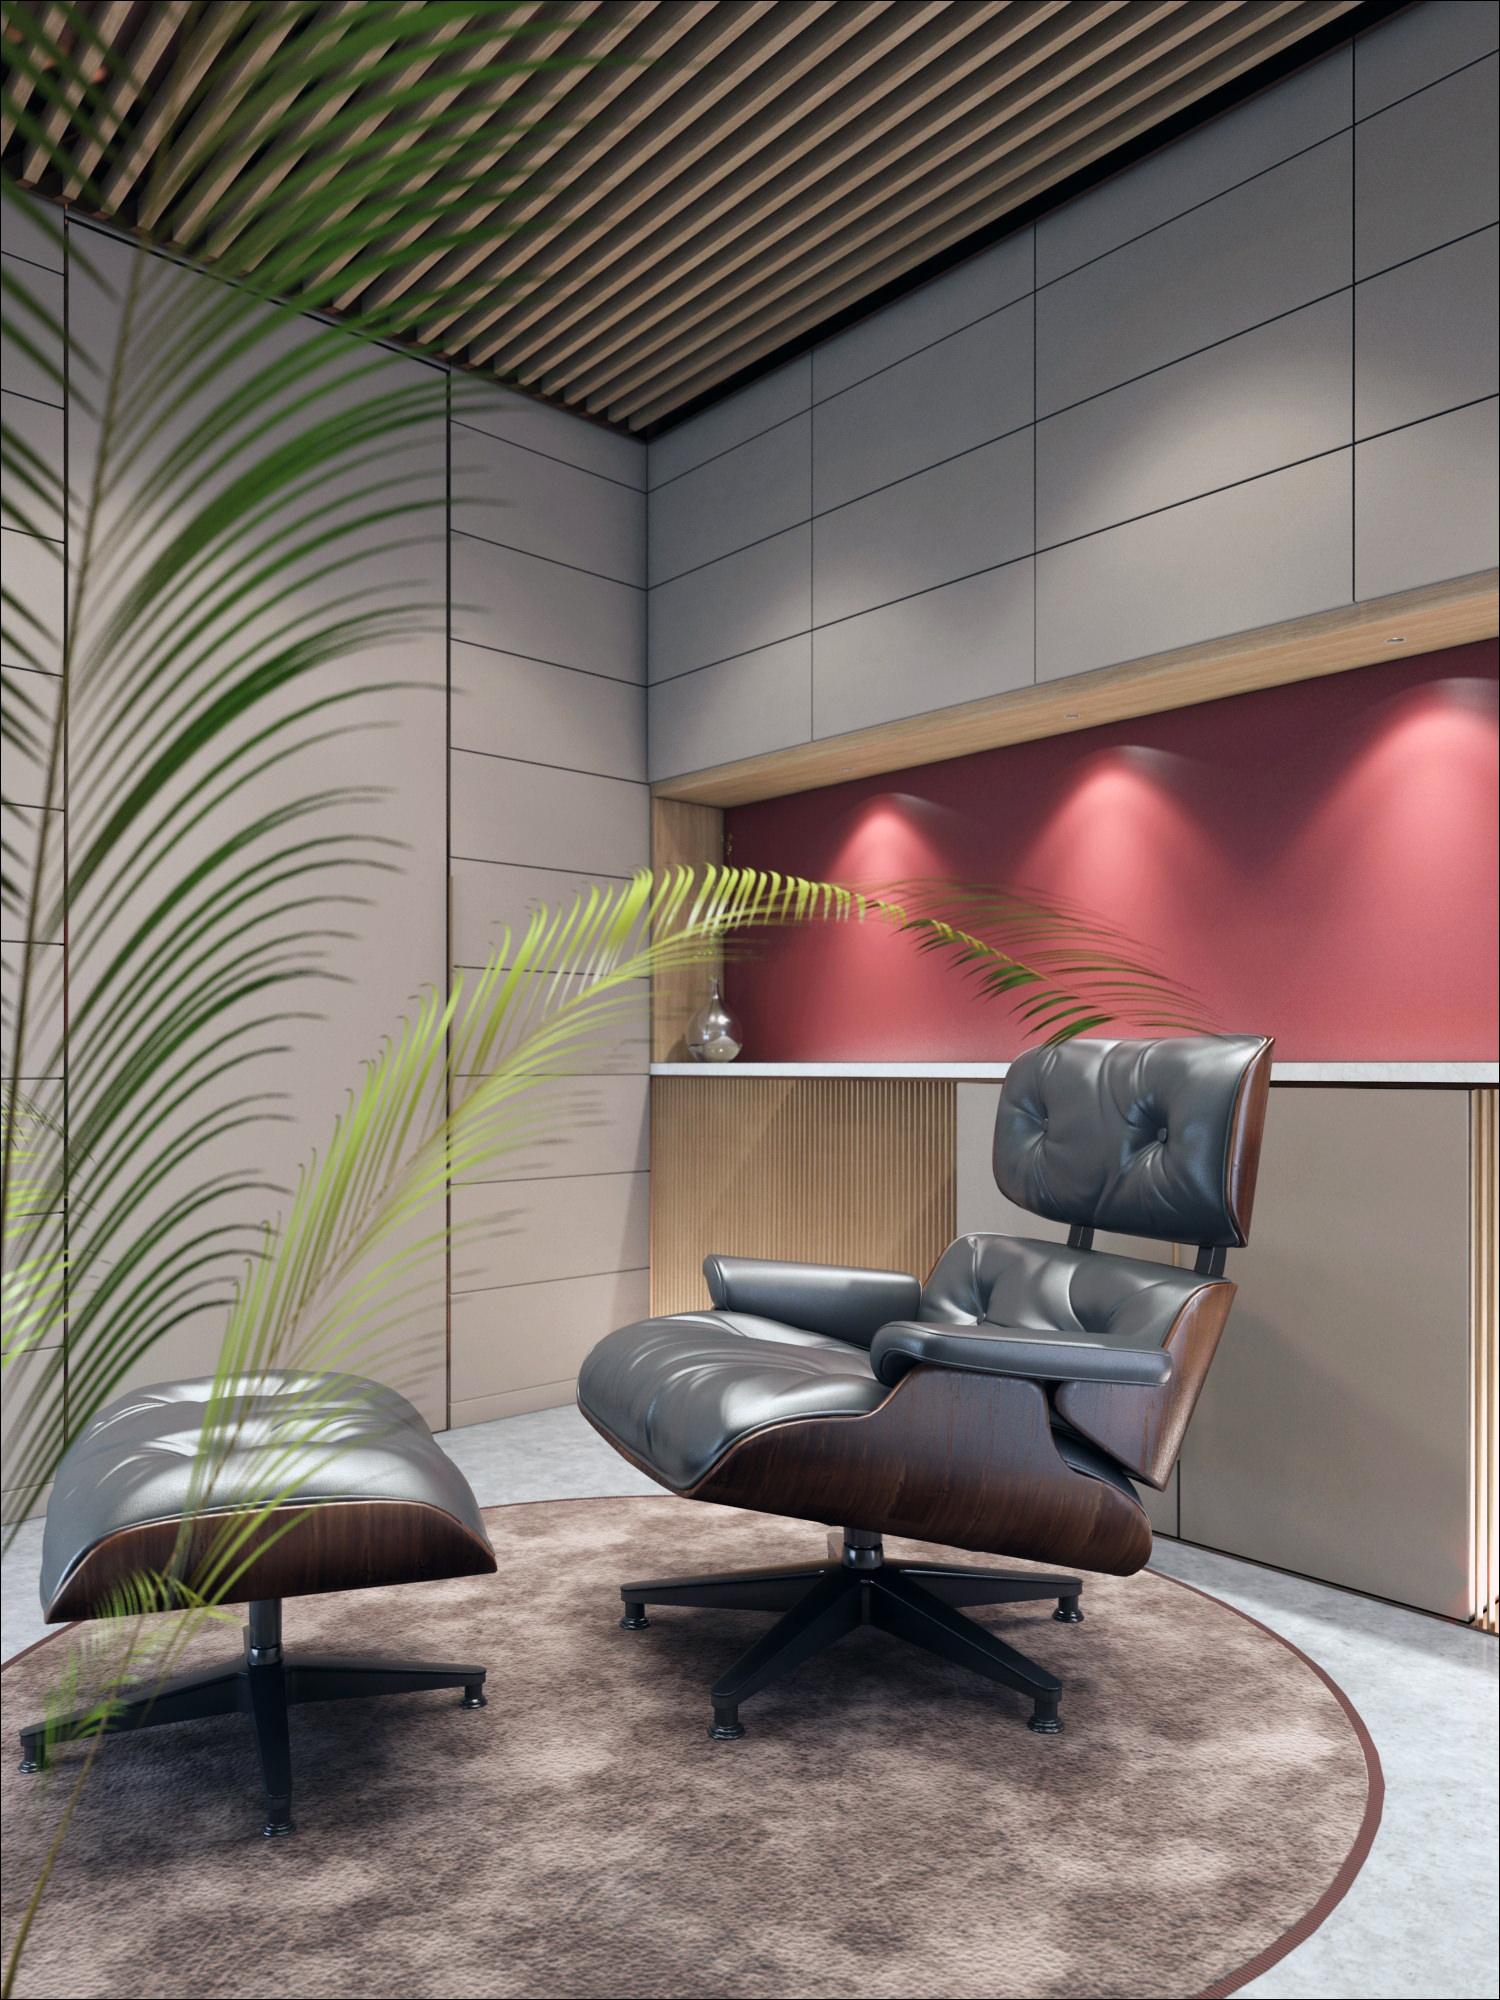 rendu 3D photo réaliste de mobilier de bureau professionnel